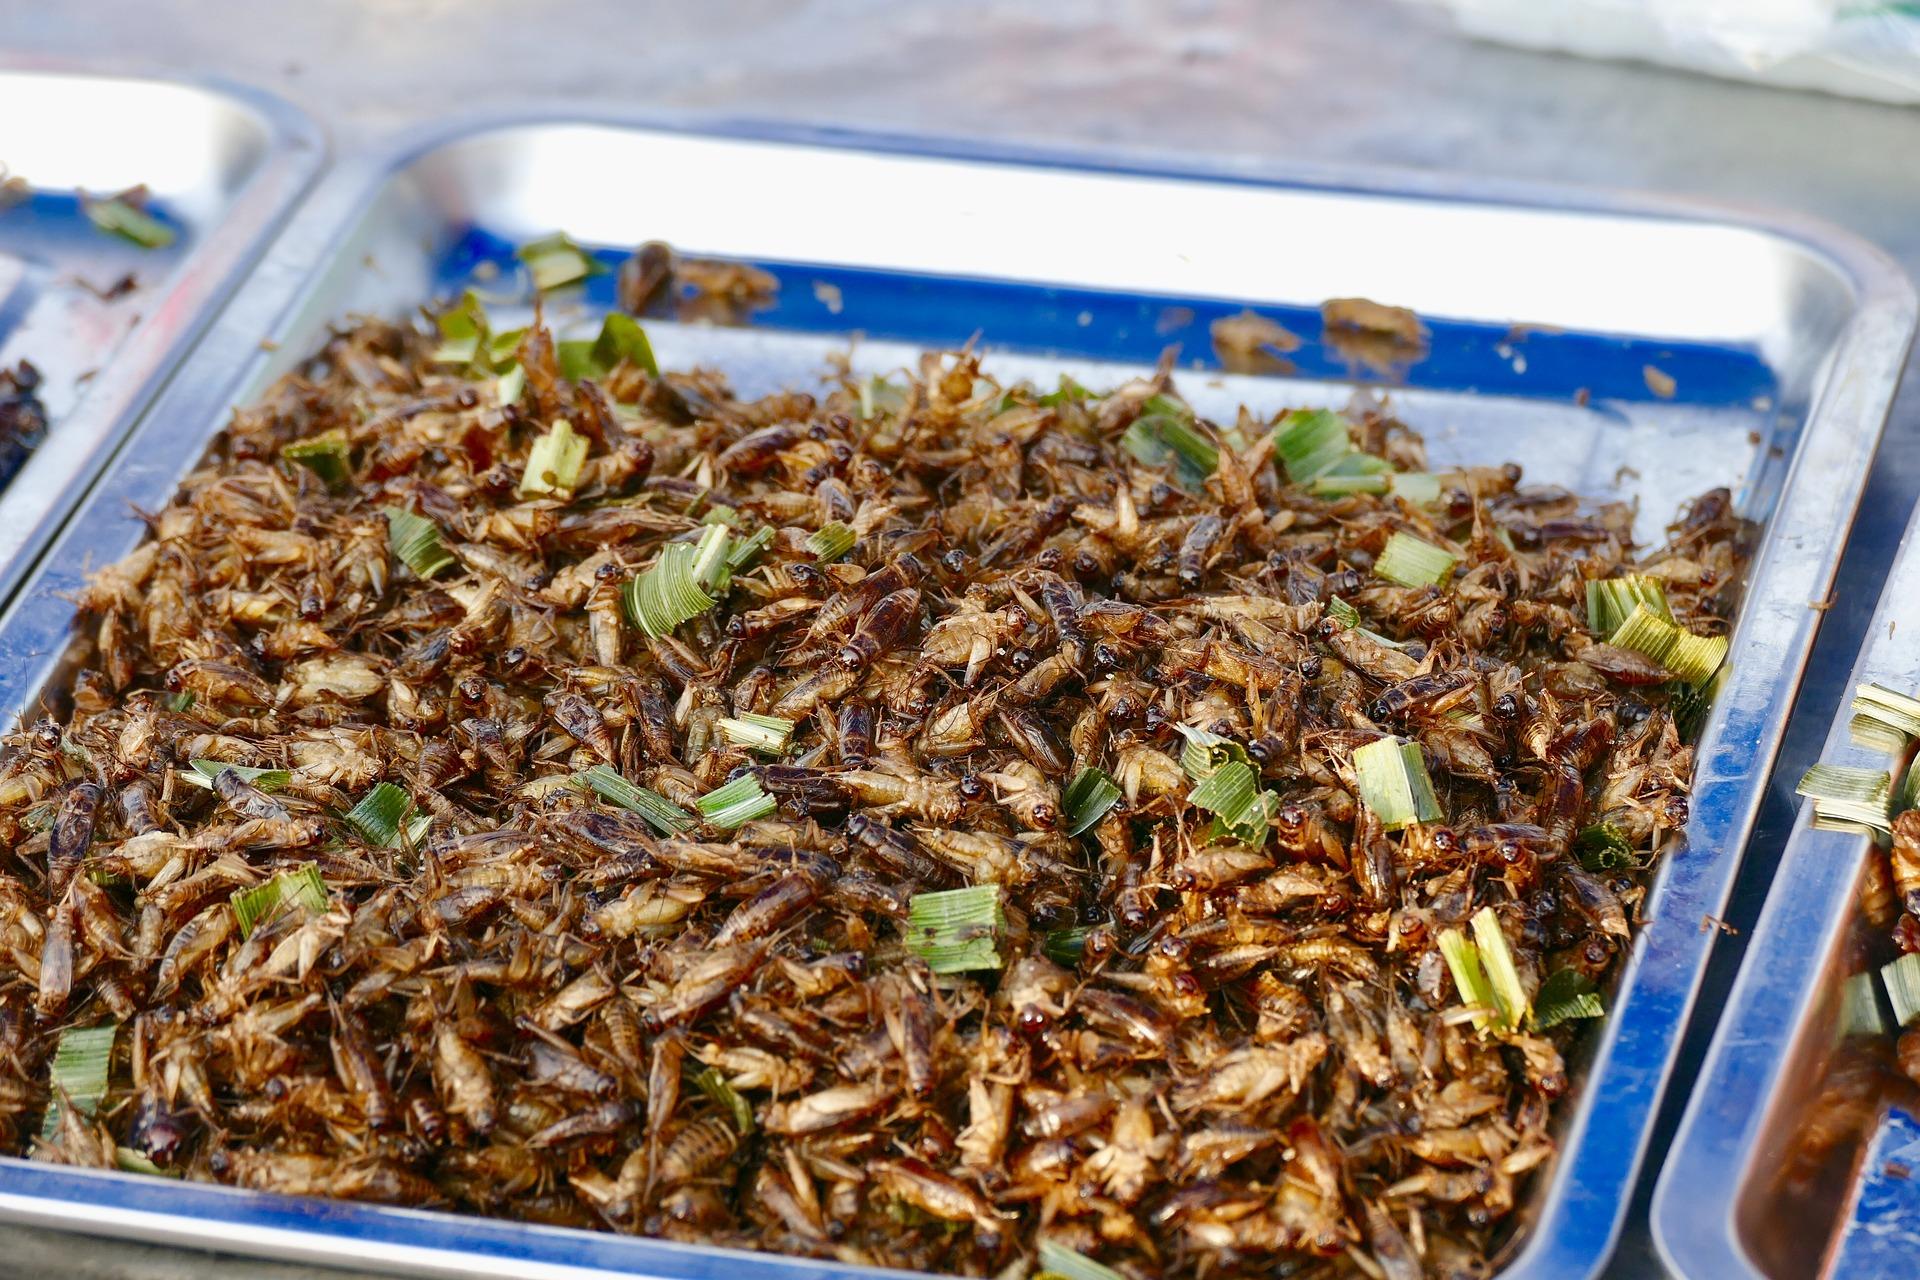 L'aquaculture est l'un des secteurs intéressé par les farines d'insectes - © PXB